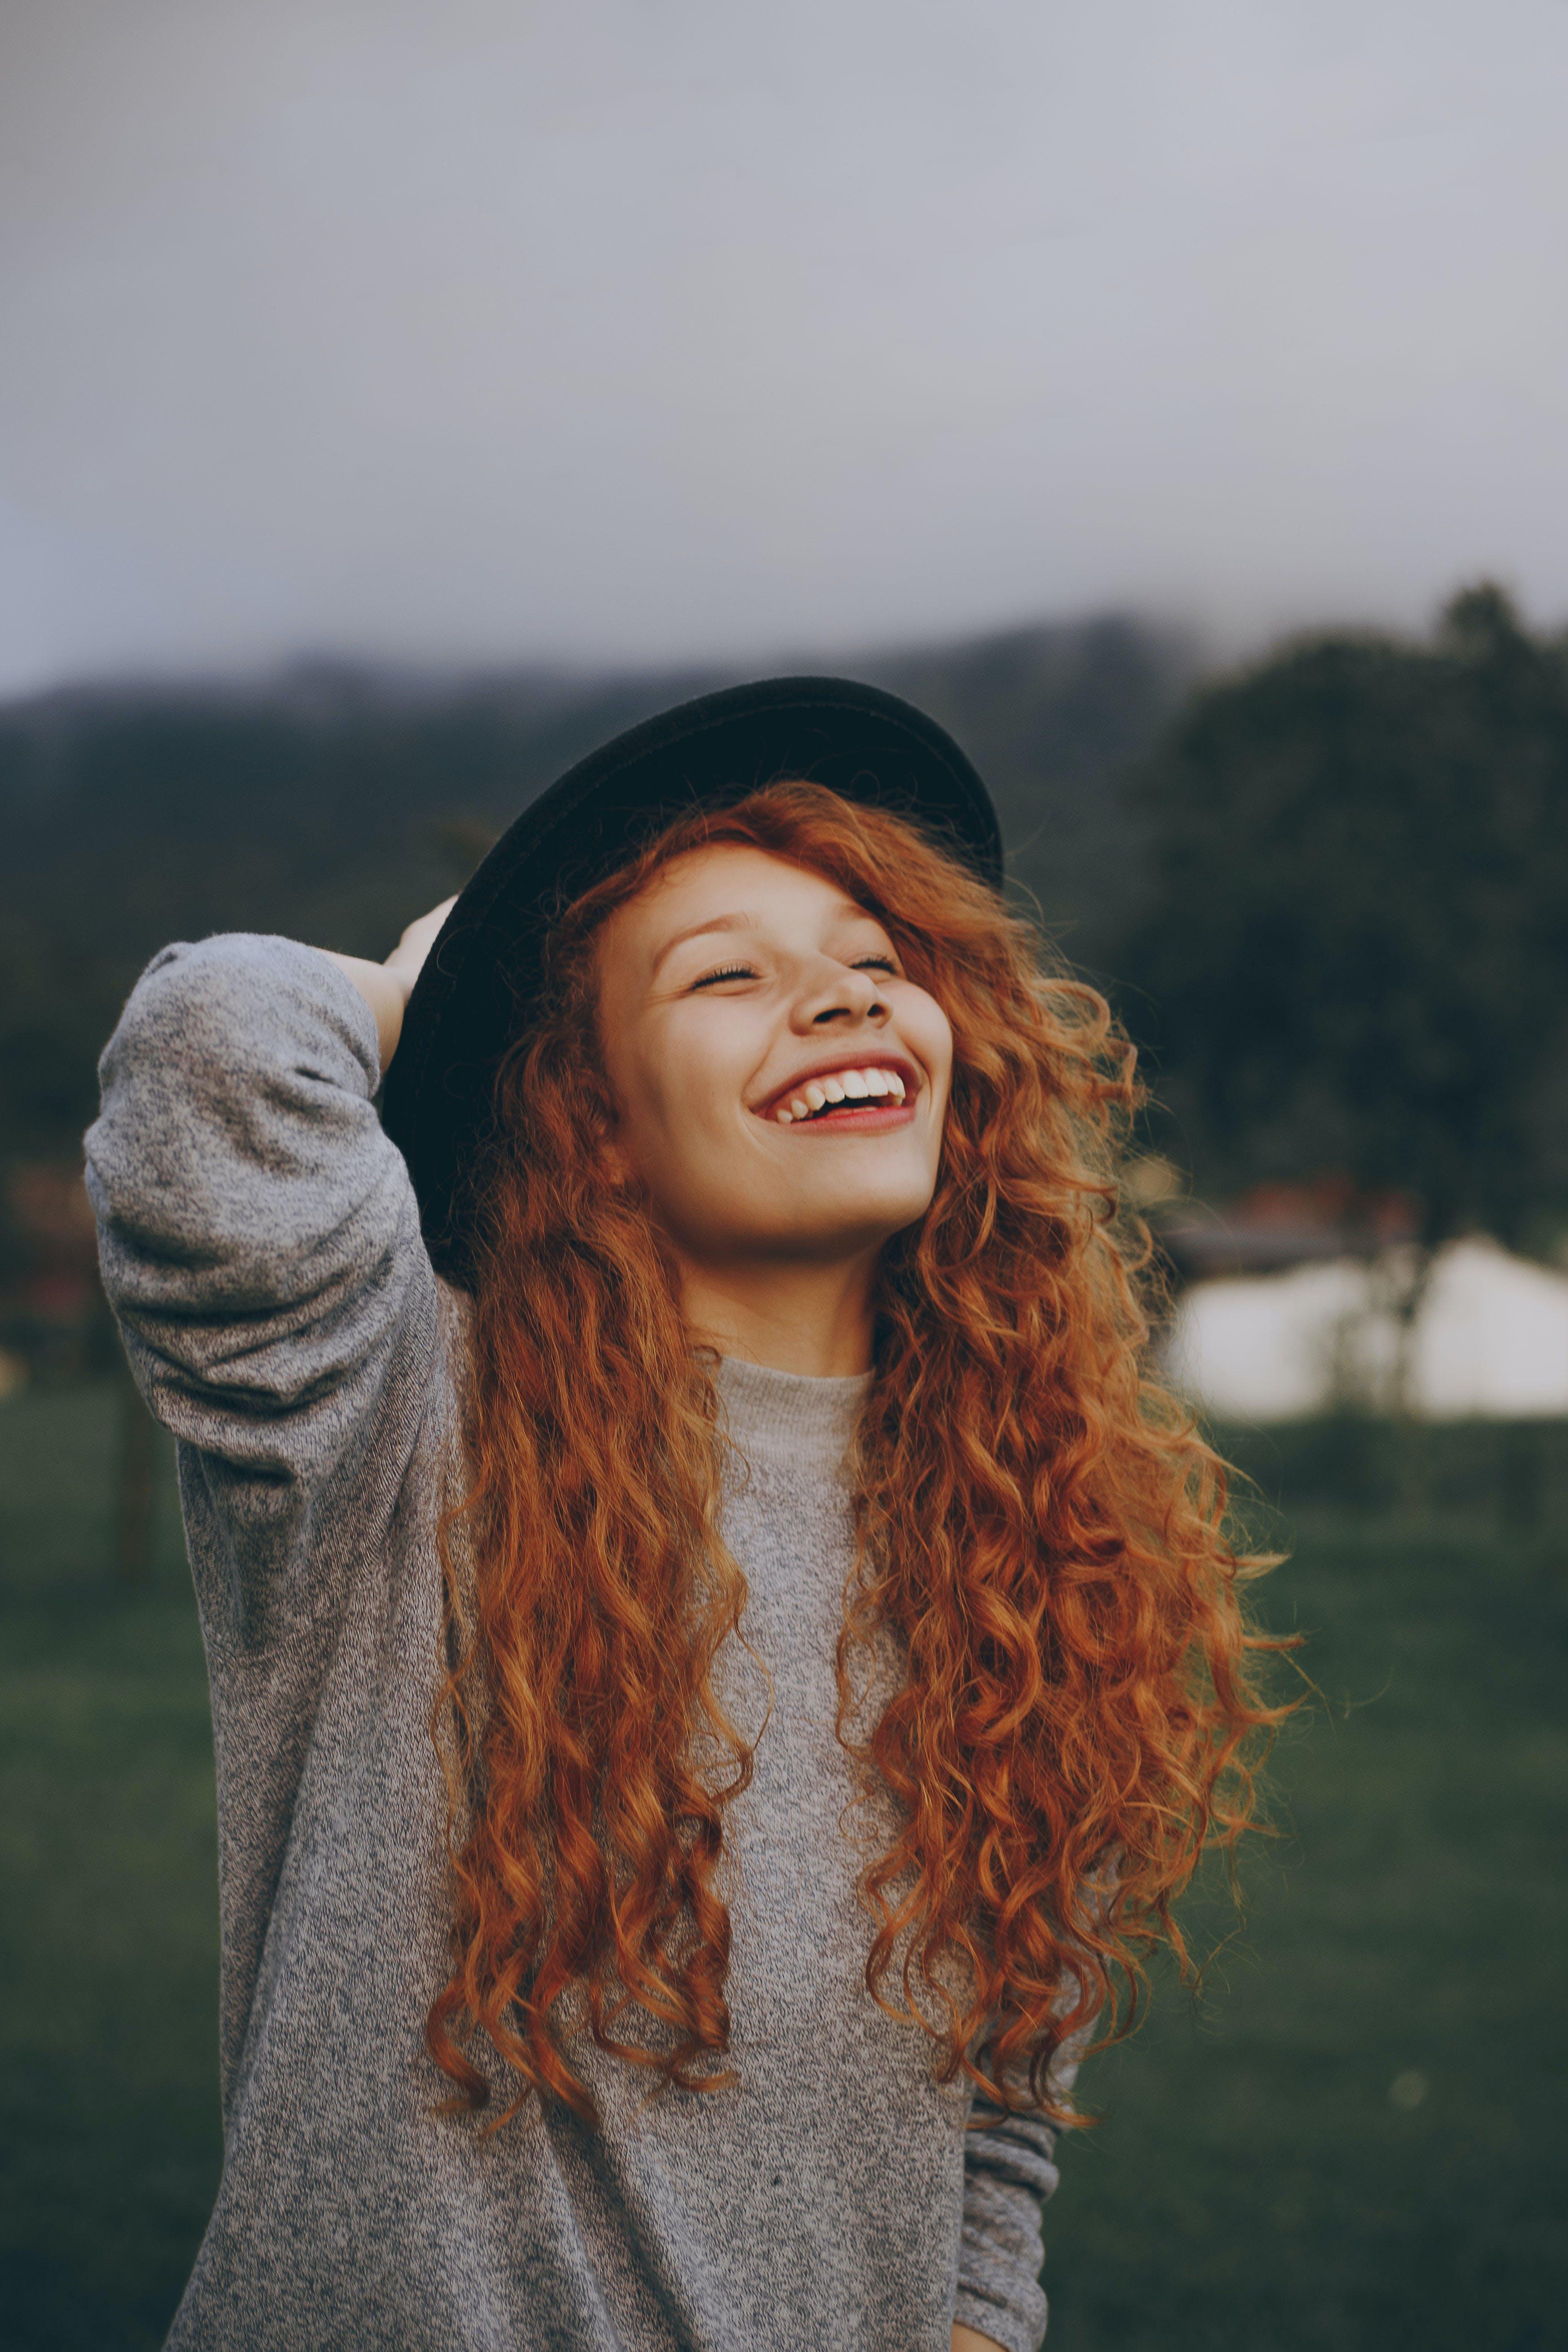 Kostnadsfri bild av ha på sig, kvinna, lycklig, mode